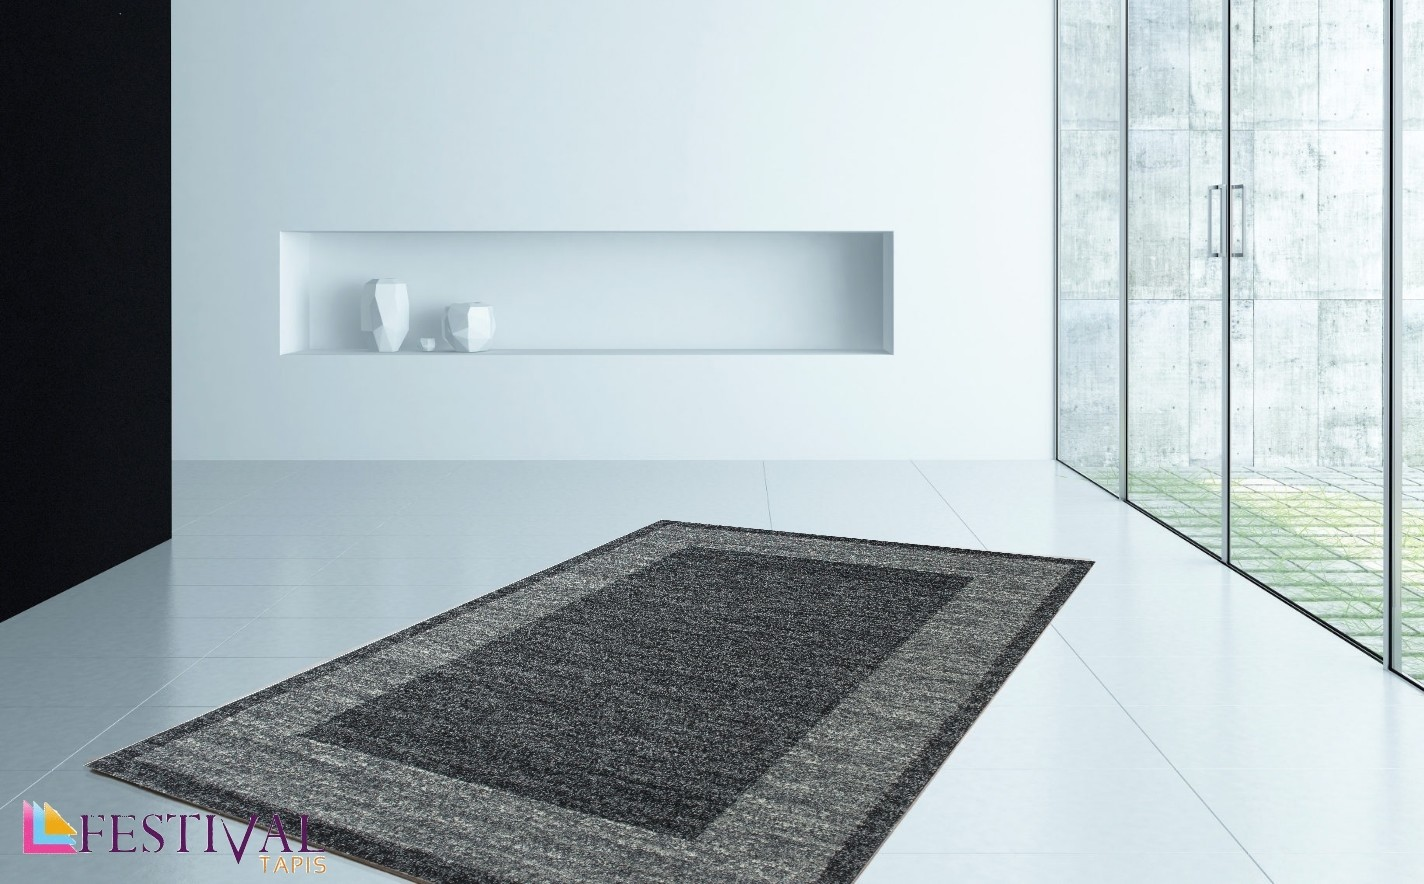 tapis en gris fonc look contemporain grande salon d 39 entr e couloir loures. Black Bedroom Furniture Sets. Home Design Ideas